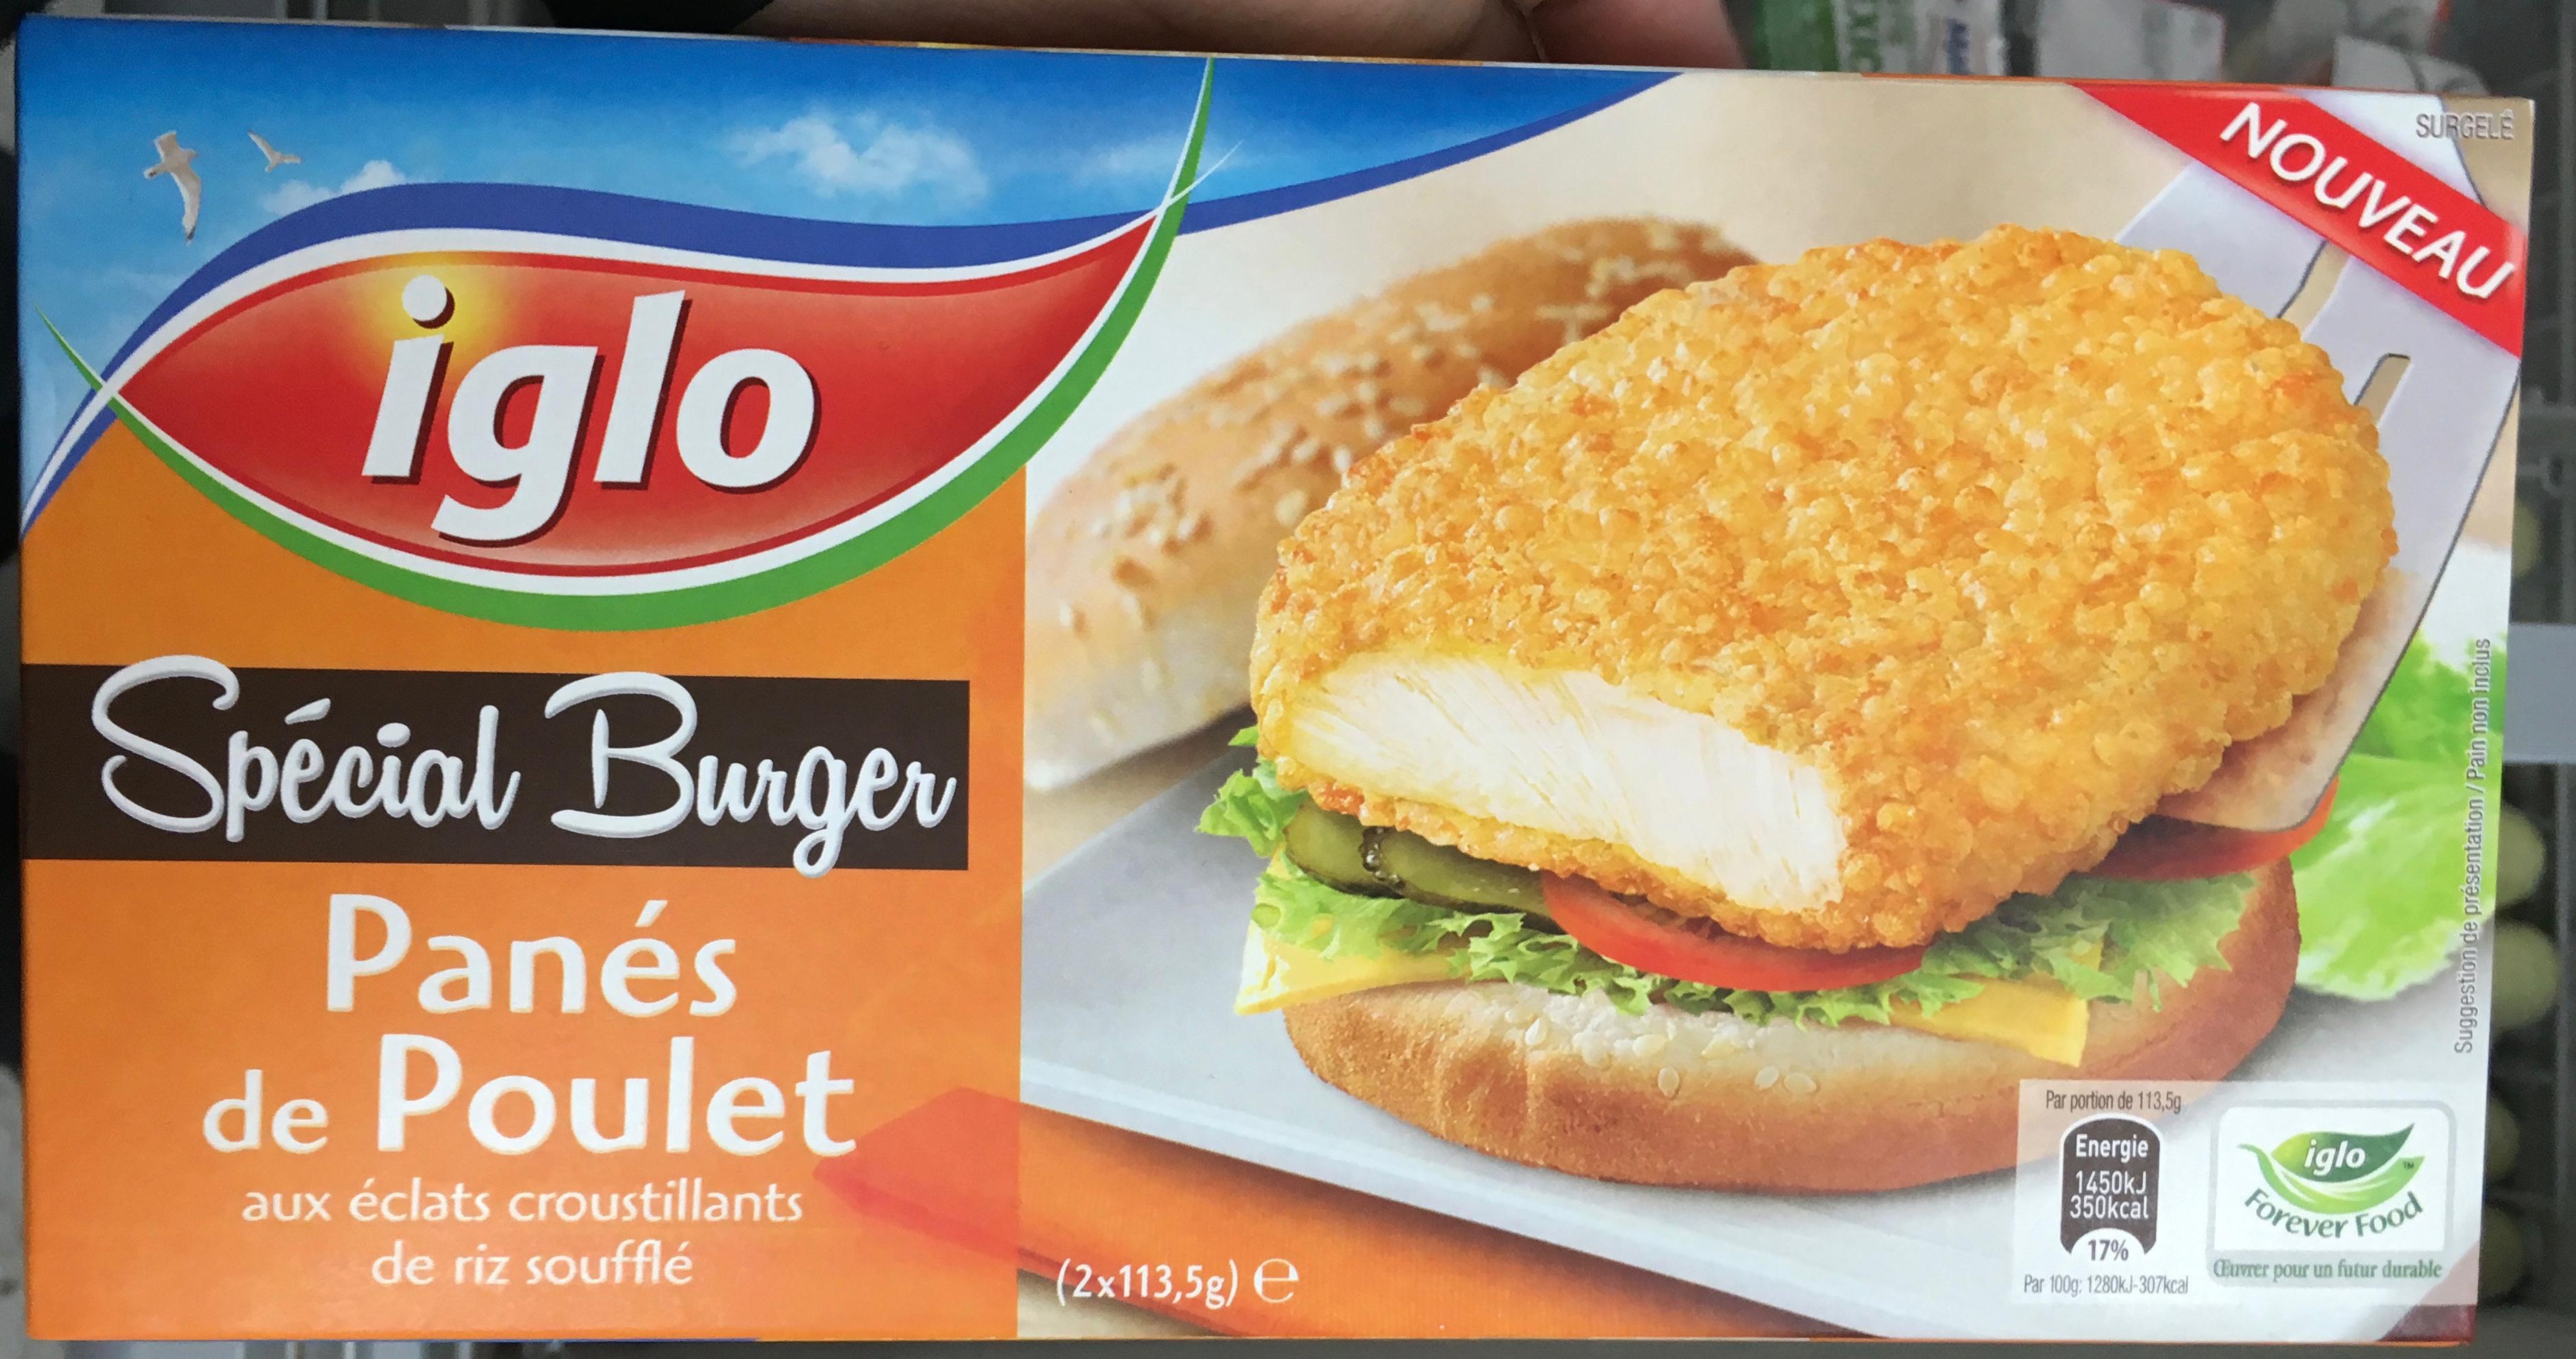 Spécial Burger Panés de poulet aux éclats croustillants de riz soufflé - Produit - fr